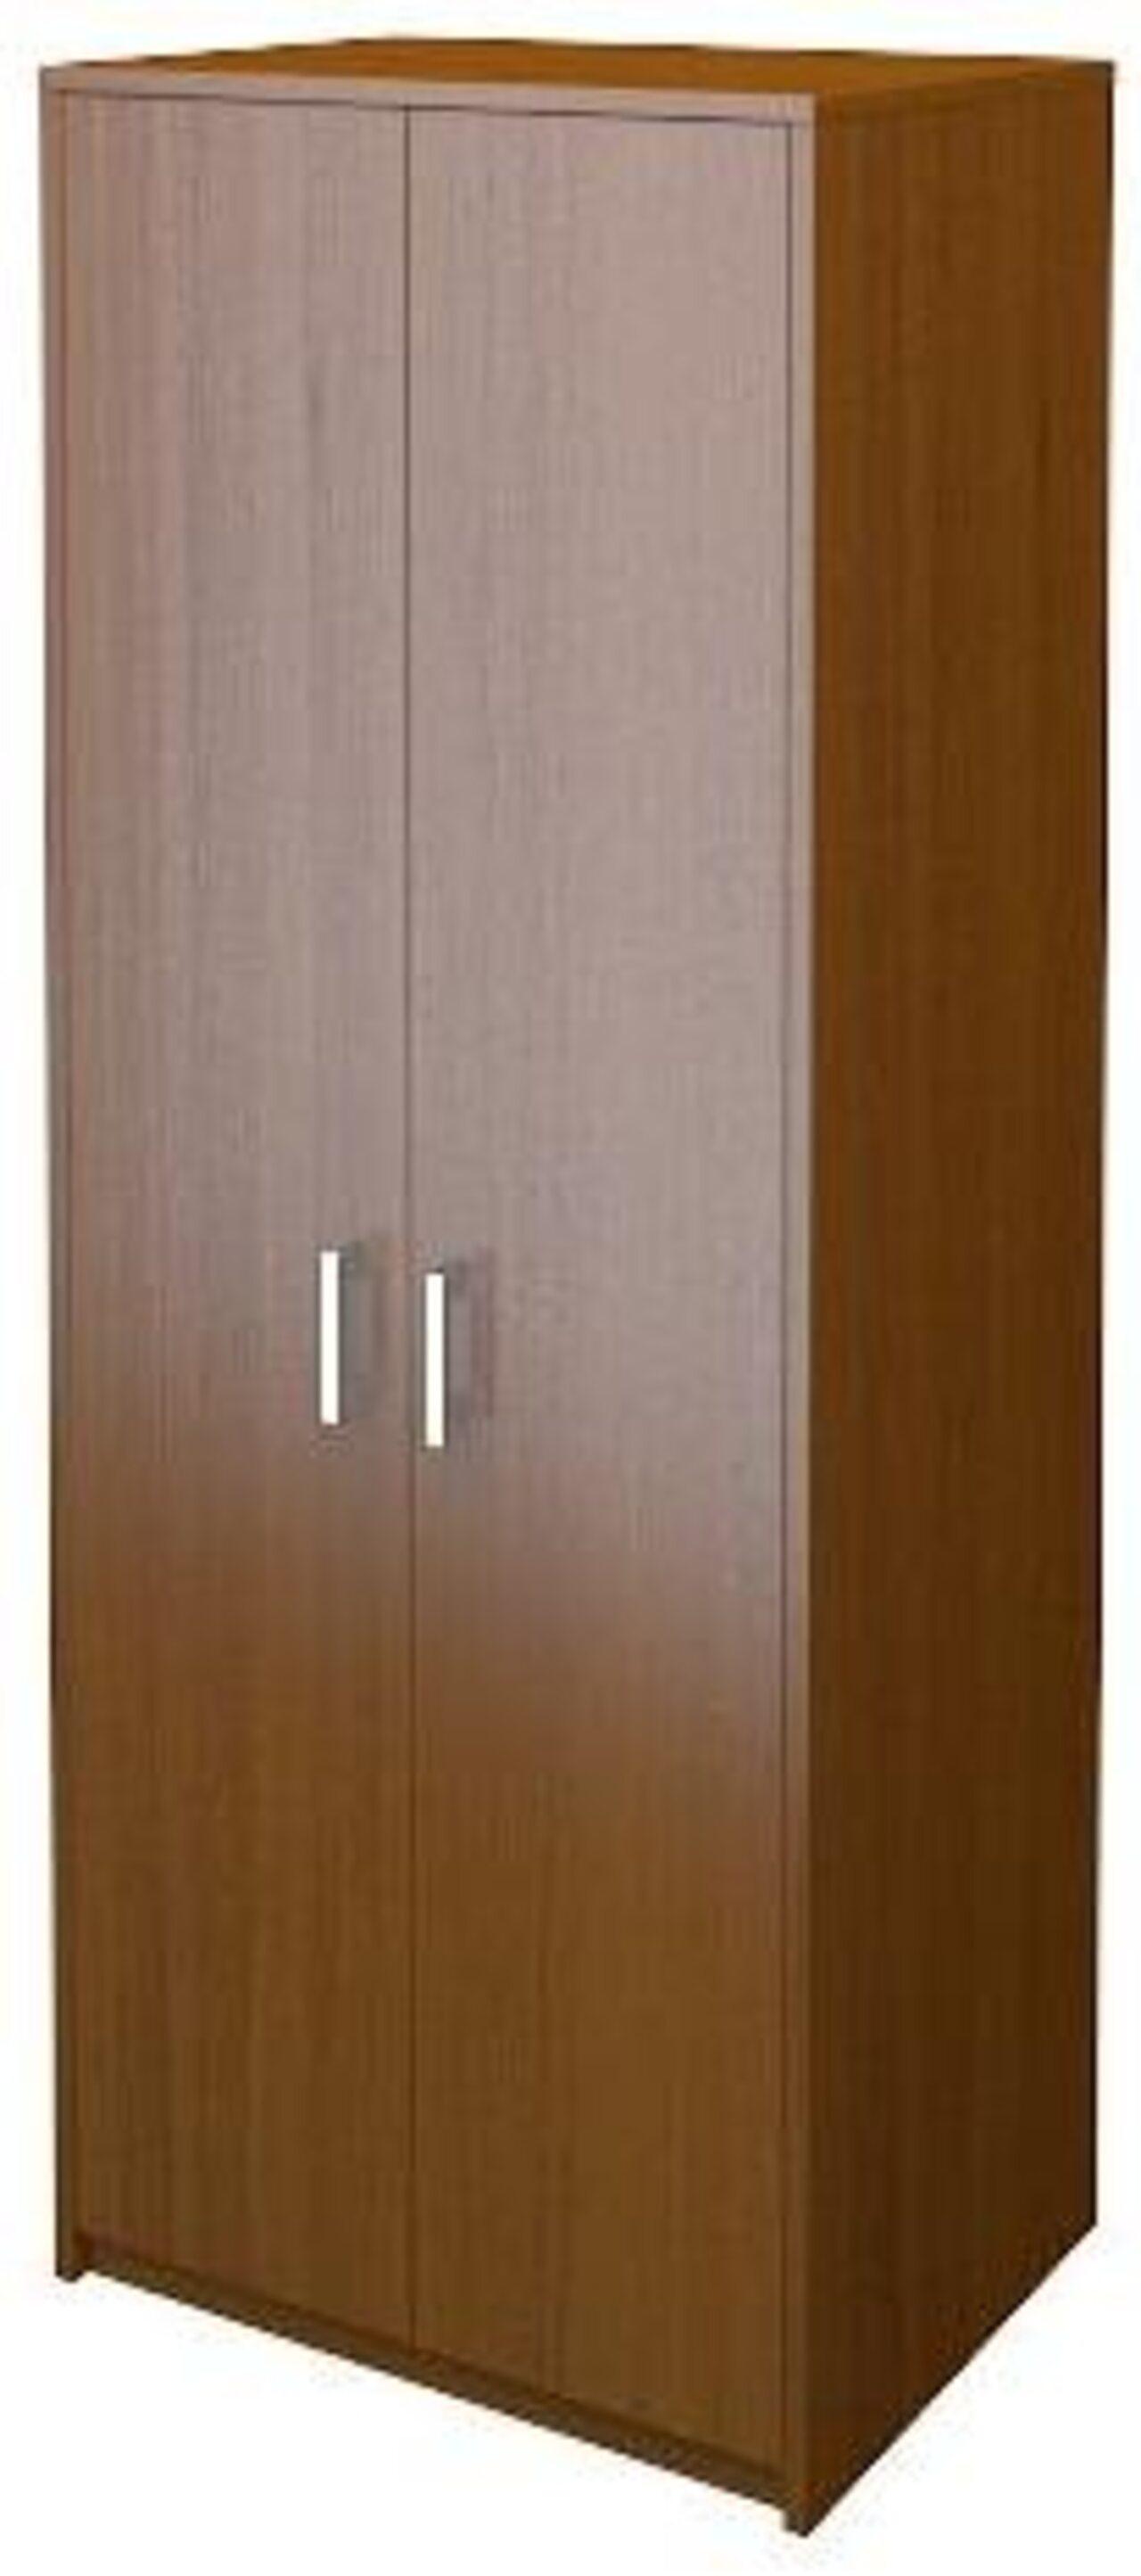 Шкаф для одежды  Арго 77x58x200 - фото 3